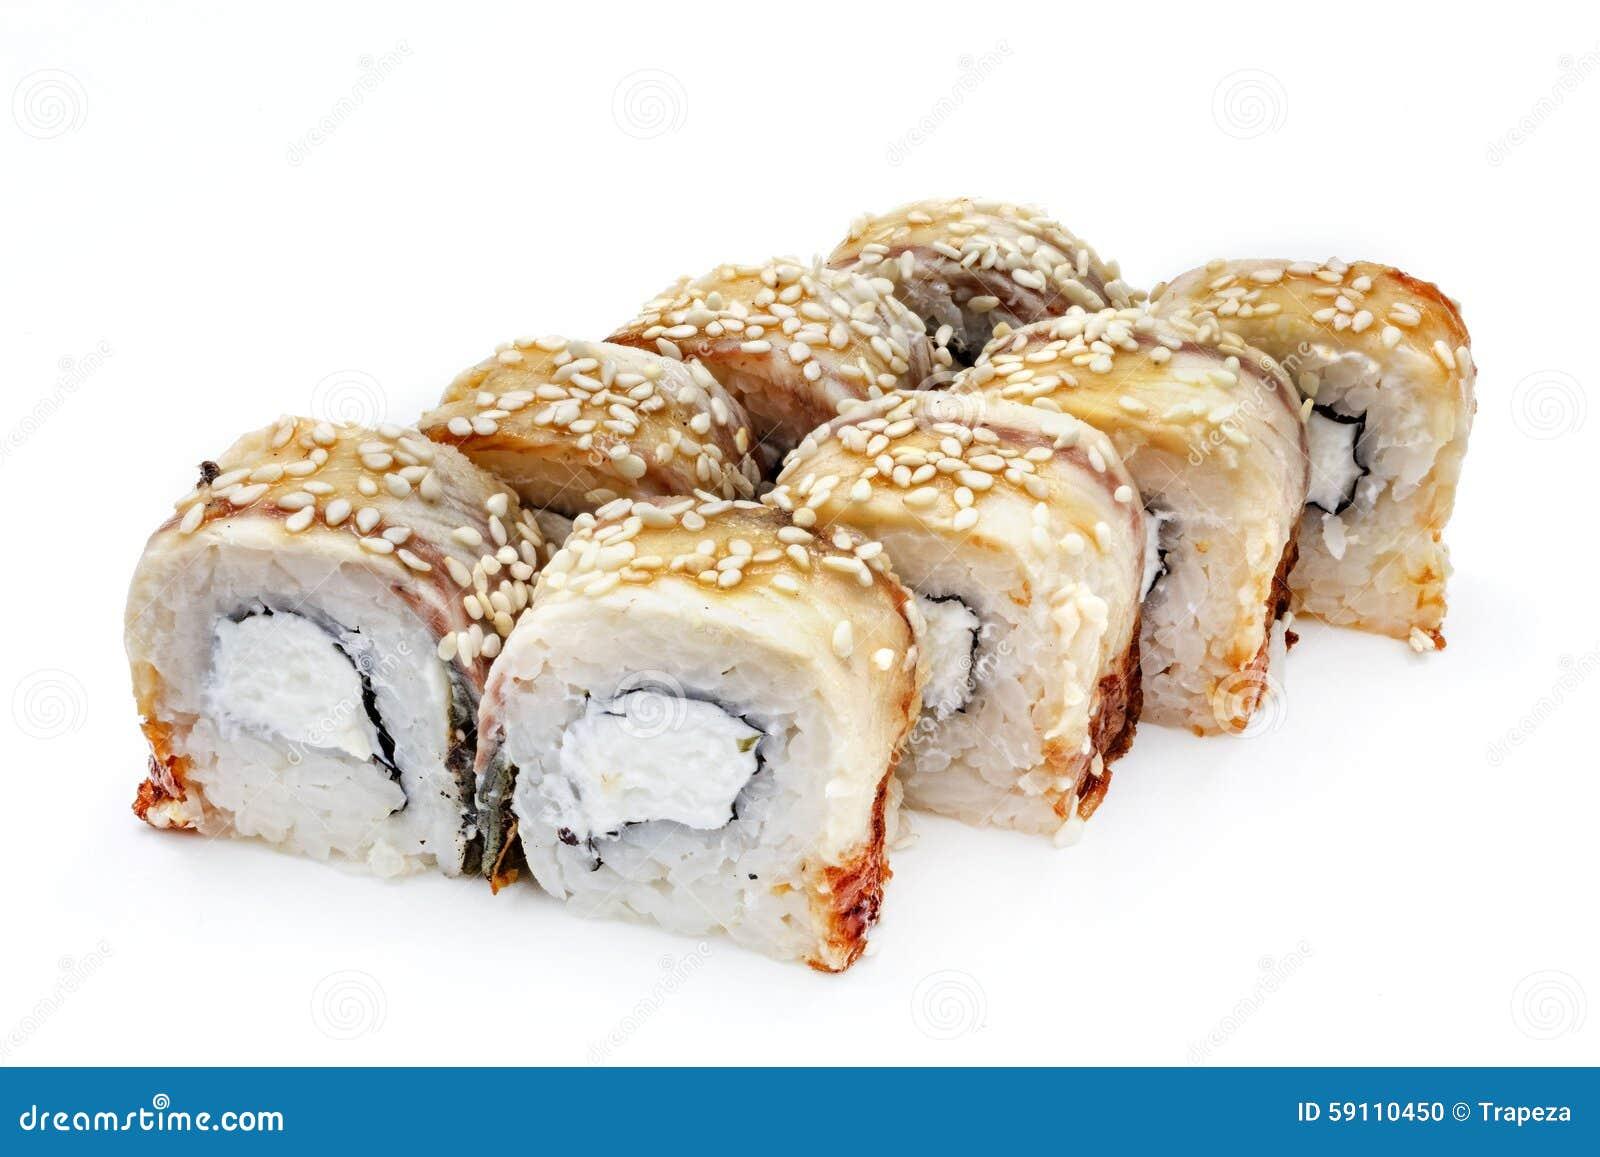 寿司,卷,日本海鲜寿司,在白色背景的卷